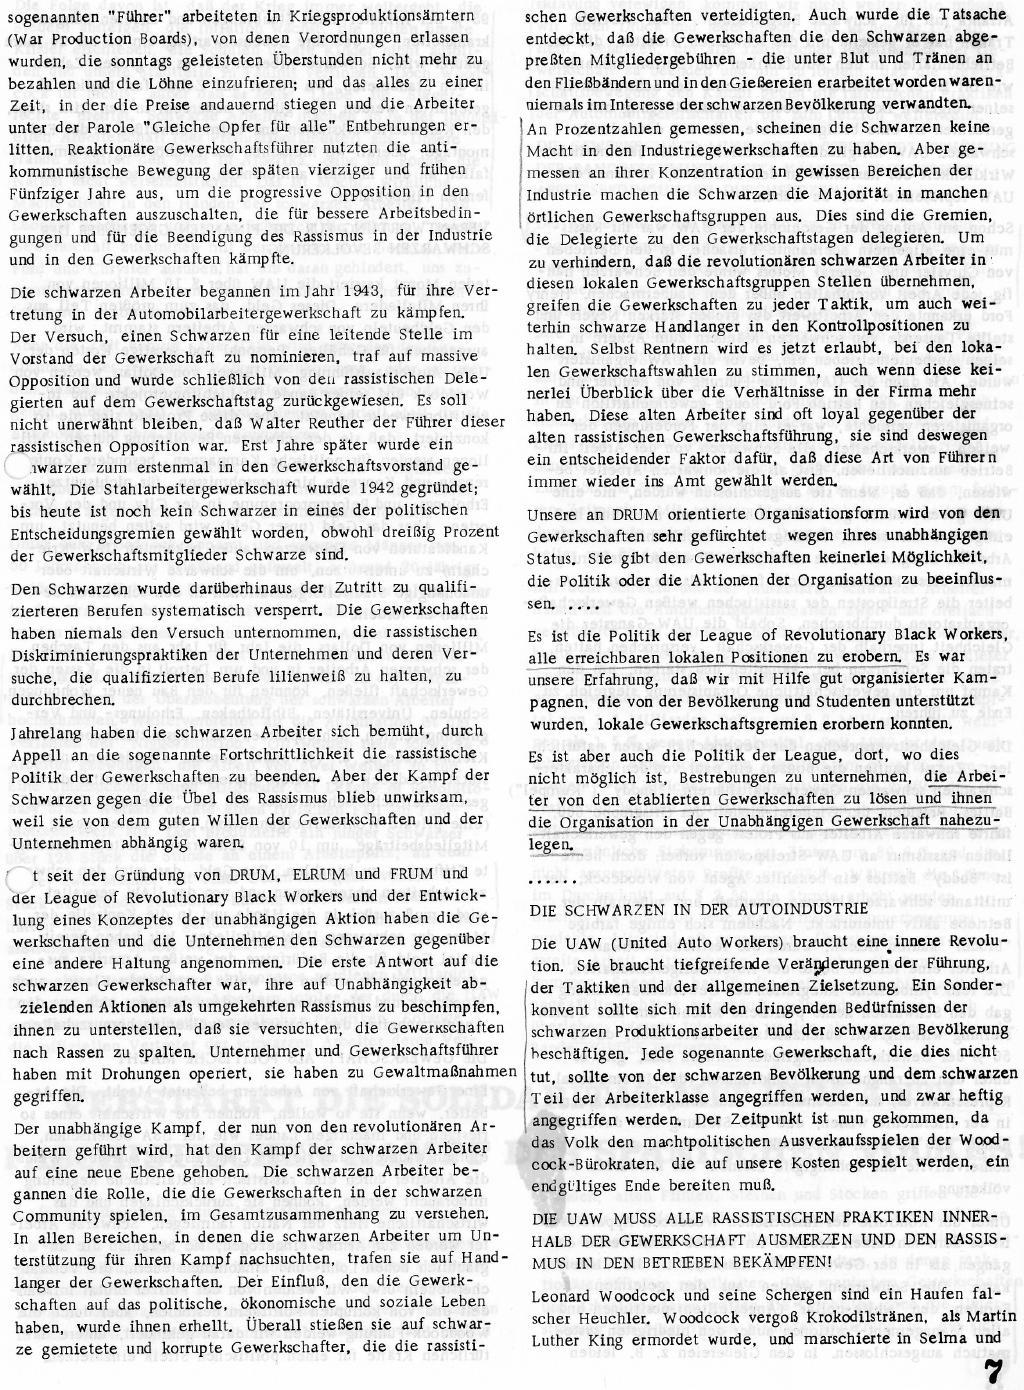 RPK_1971_108_07